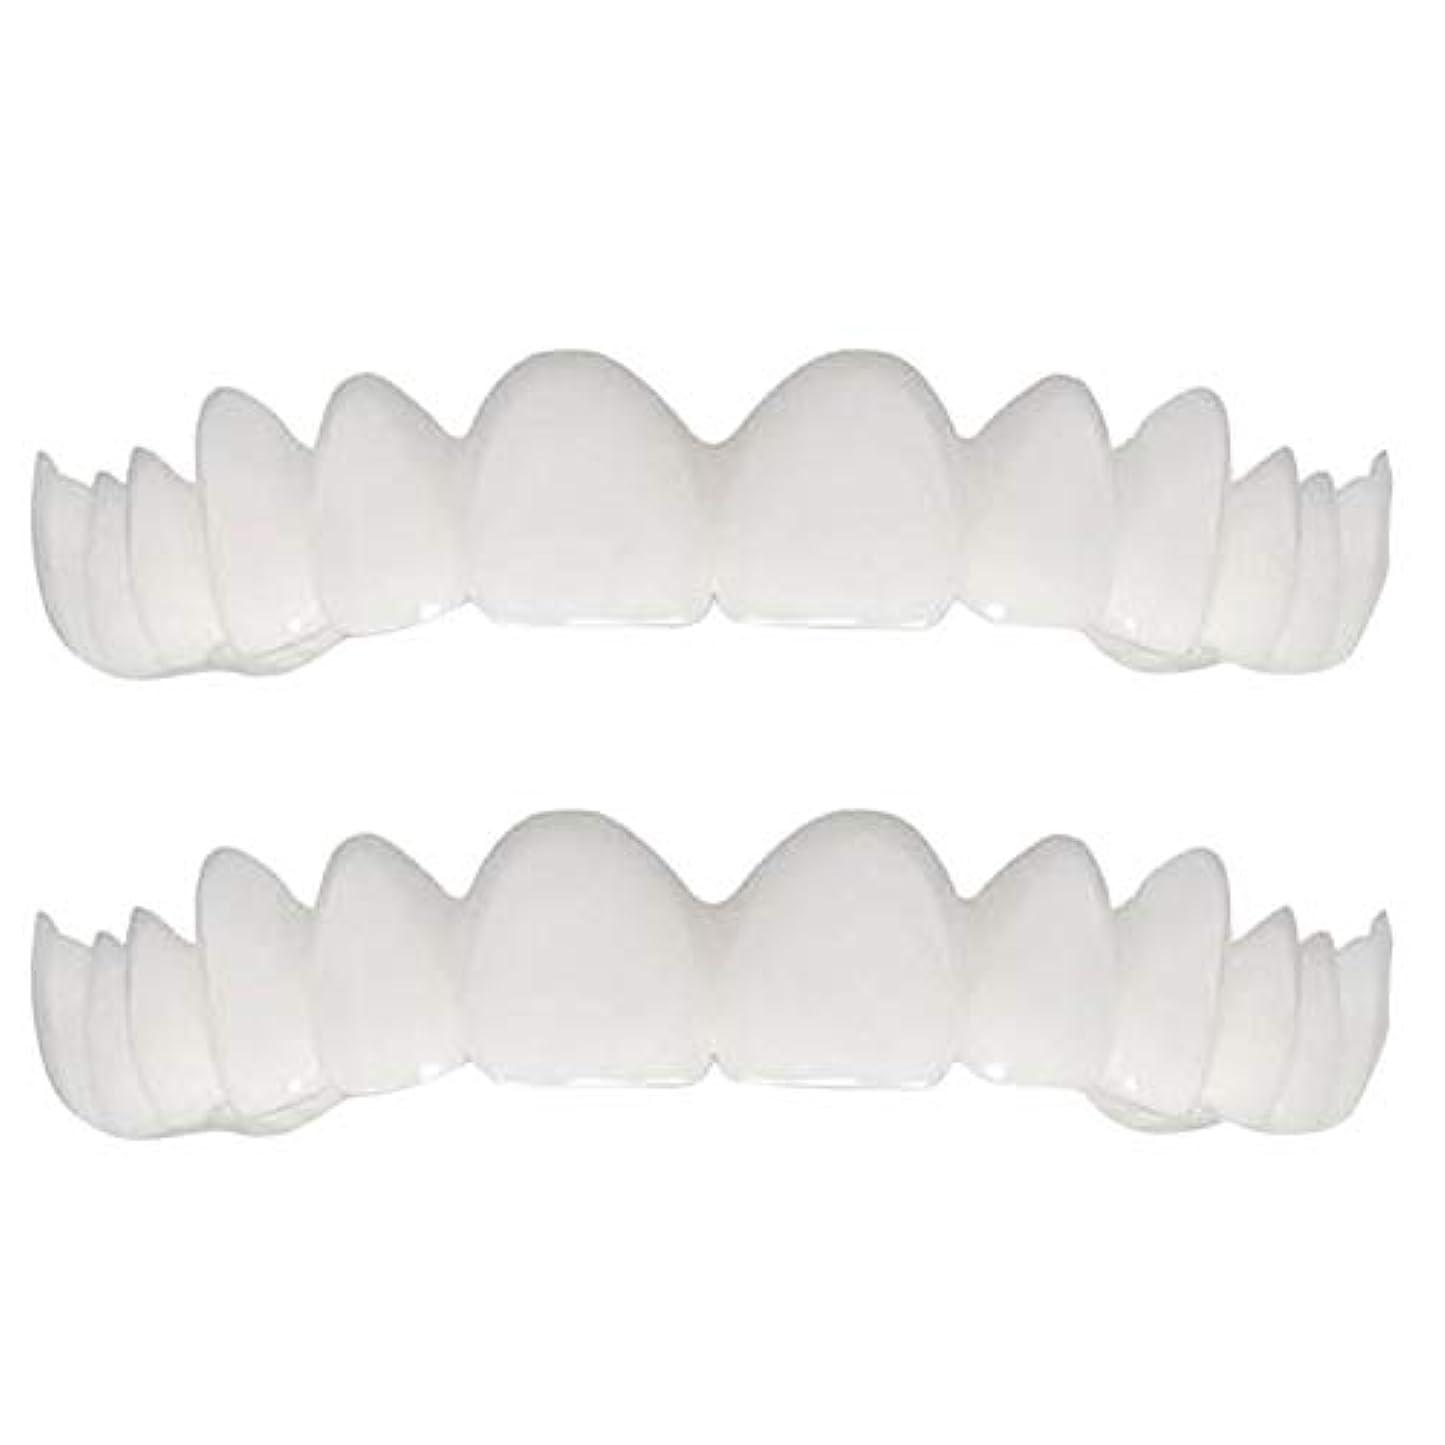 触覚ハンドブックオーバードローシリコーンシミュレーション義歯、白い歯ブレースの上下の列(5セット),Boxed,UpperLower